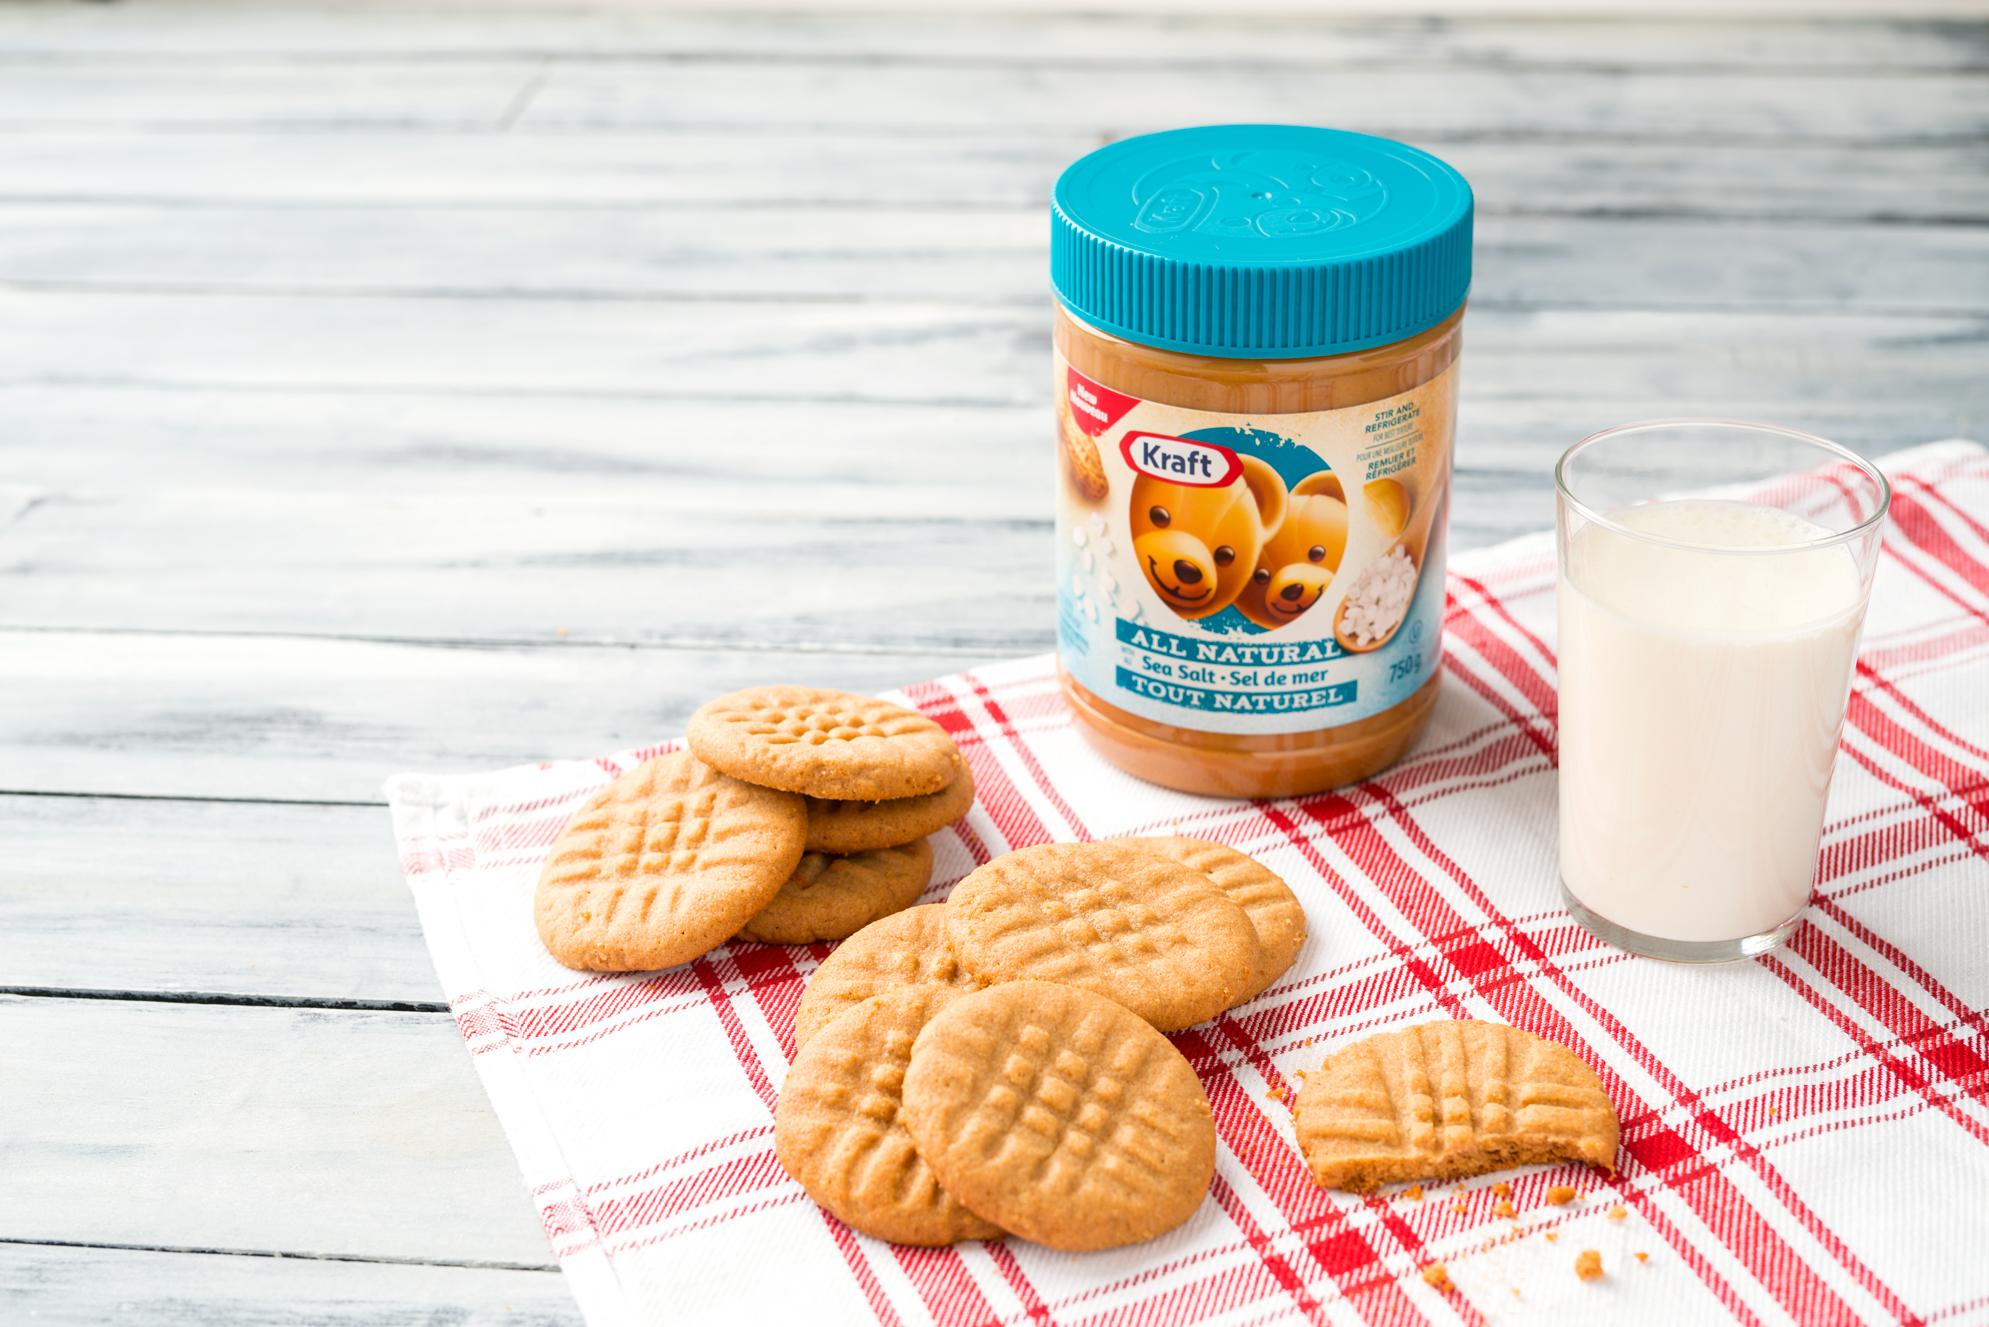 Nameless-Productions©-Kraft-PB-Natural-Cookies